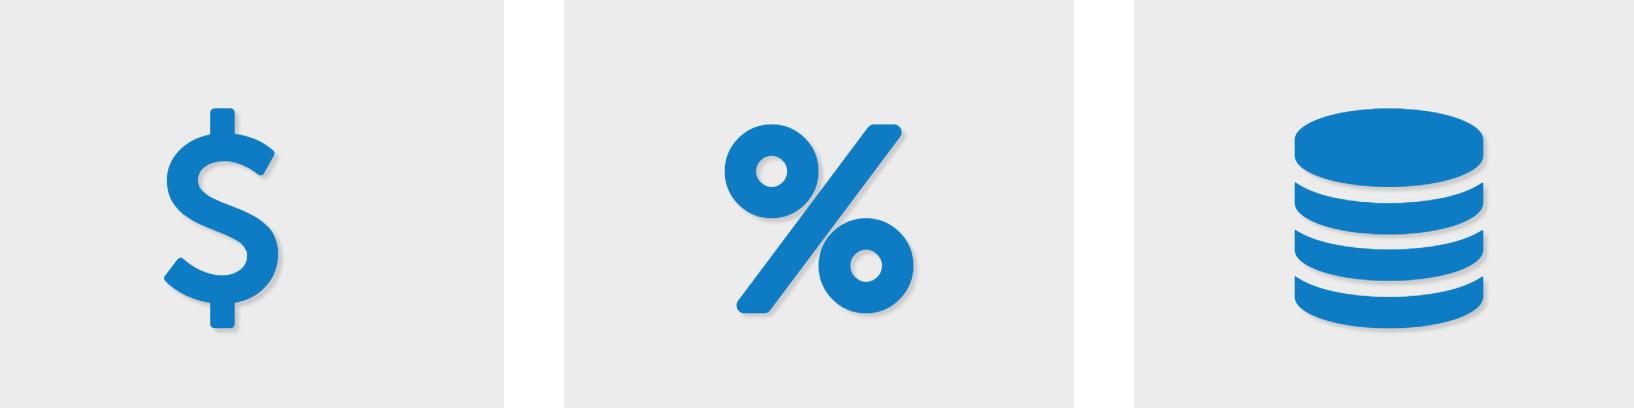 mortgagequestions.com